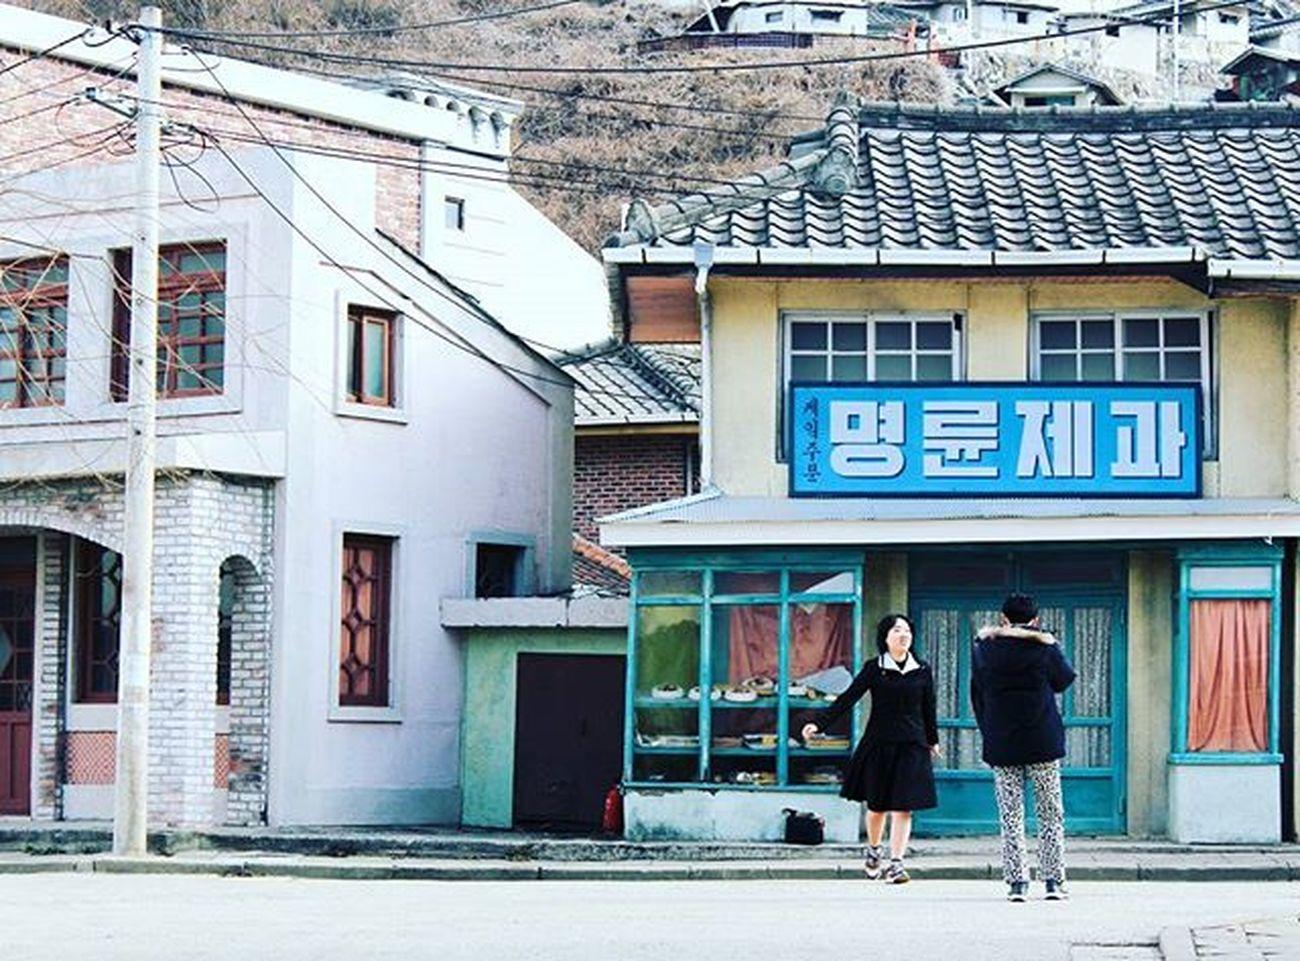 🏡 올려도 누군지 모르겠지 순천 순천여행 순천드라마세트장 순천드라마촬영장 여행 국내여행 빈카메라 Teavel Trip Korea Suncheon Bincamera